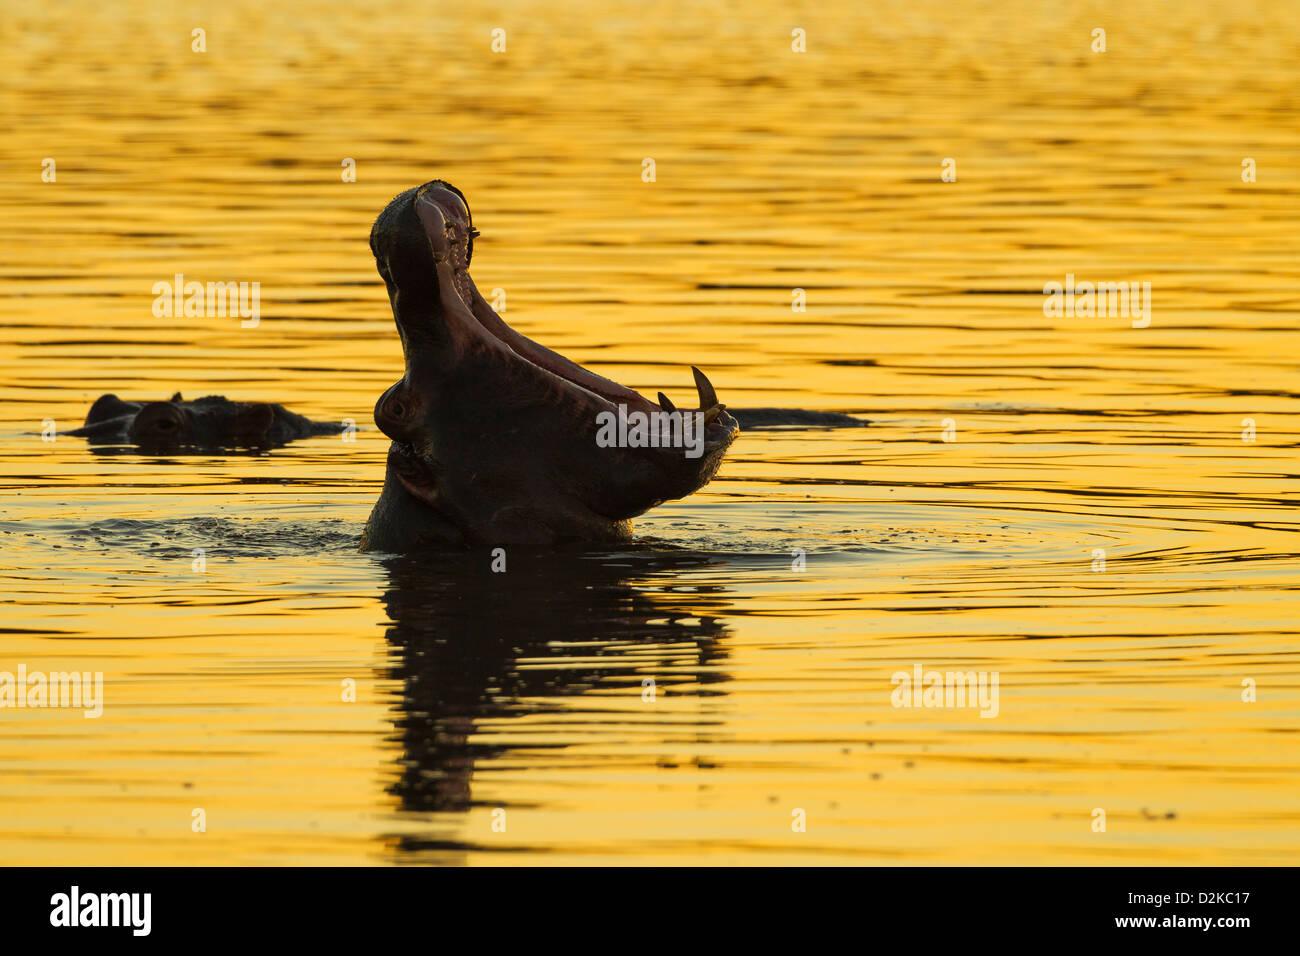 Silueta de un hipopótamo bostezando en la dorada luz del atardecer Imagen De Stock